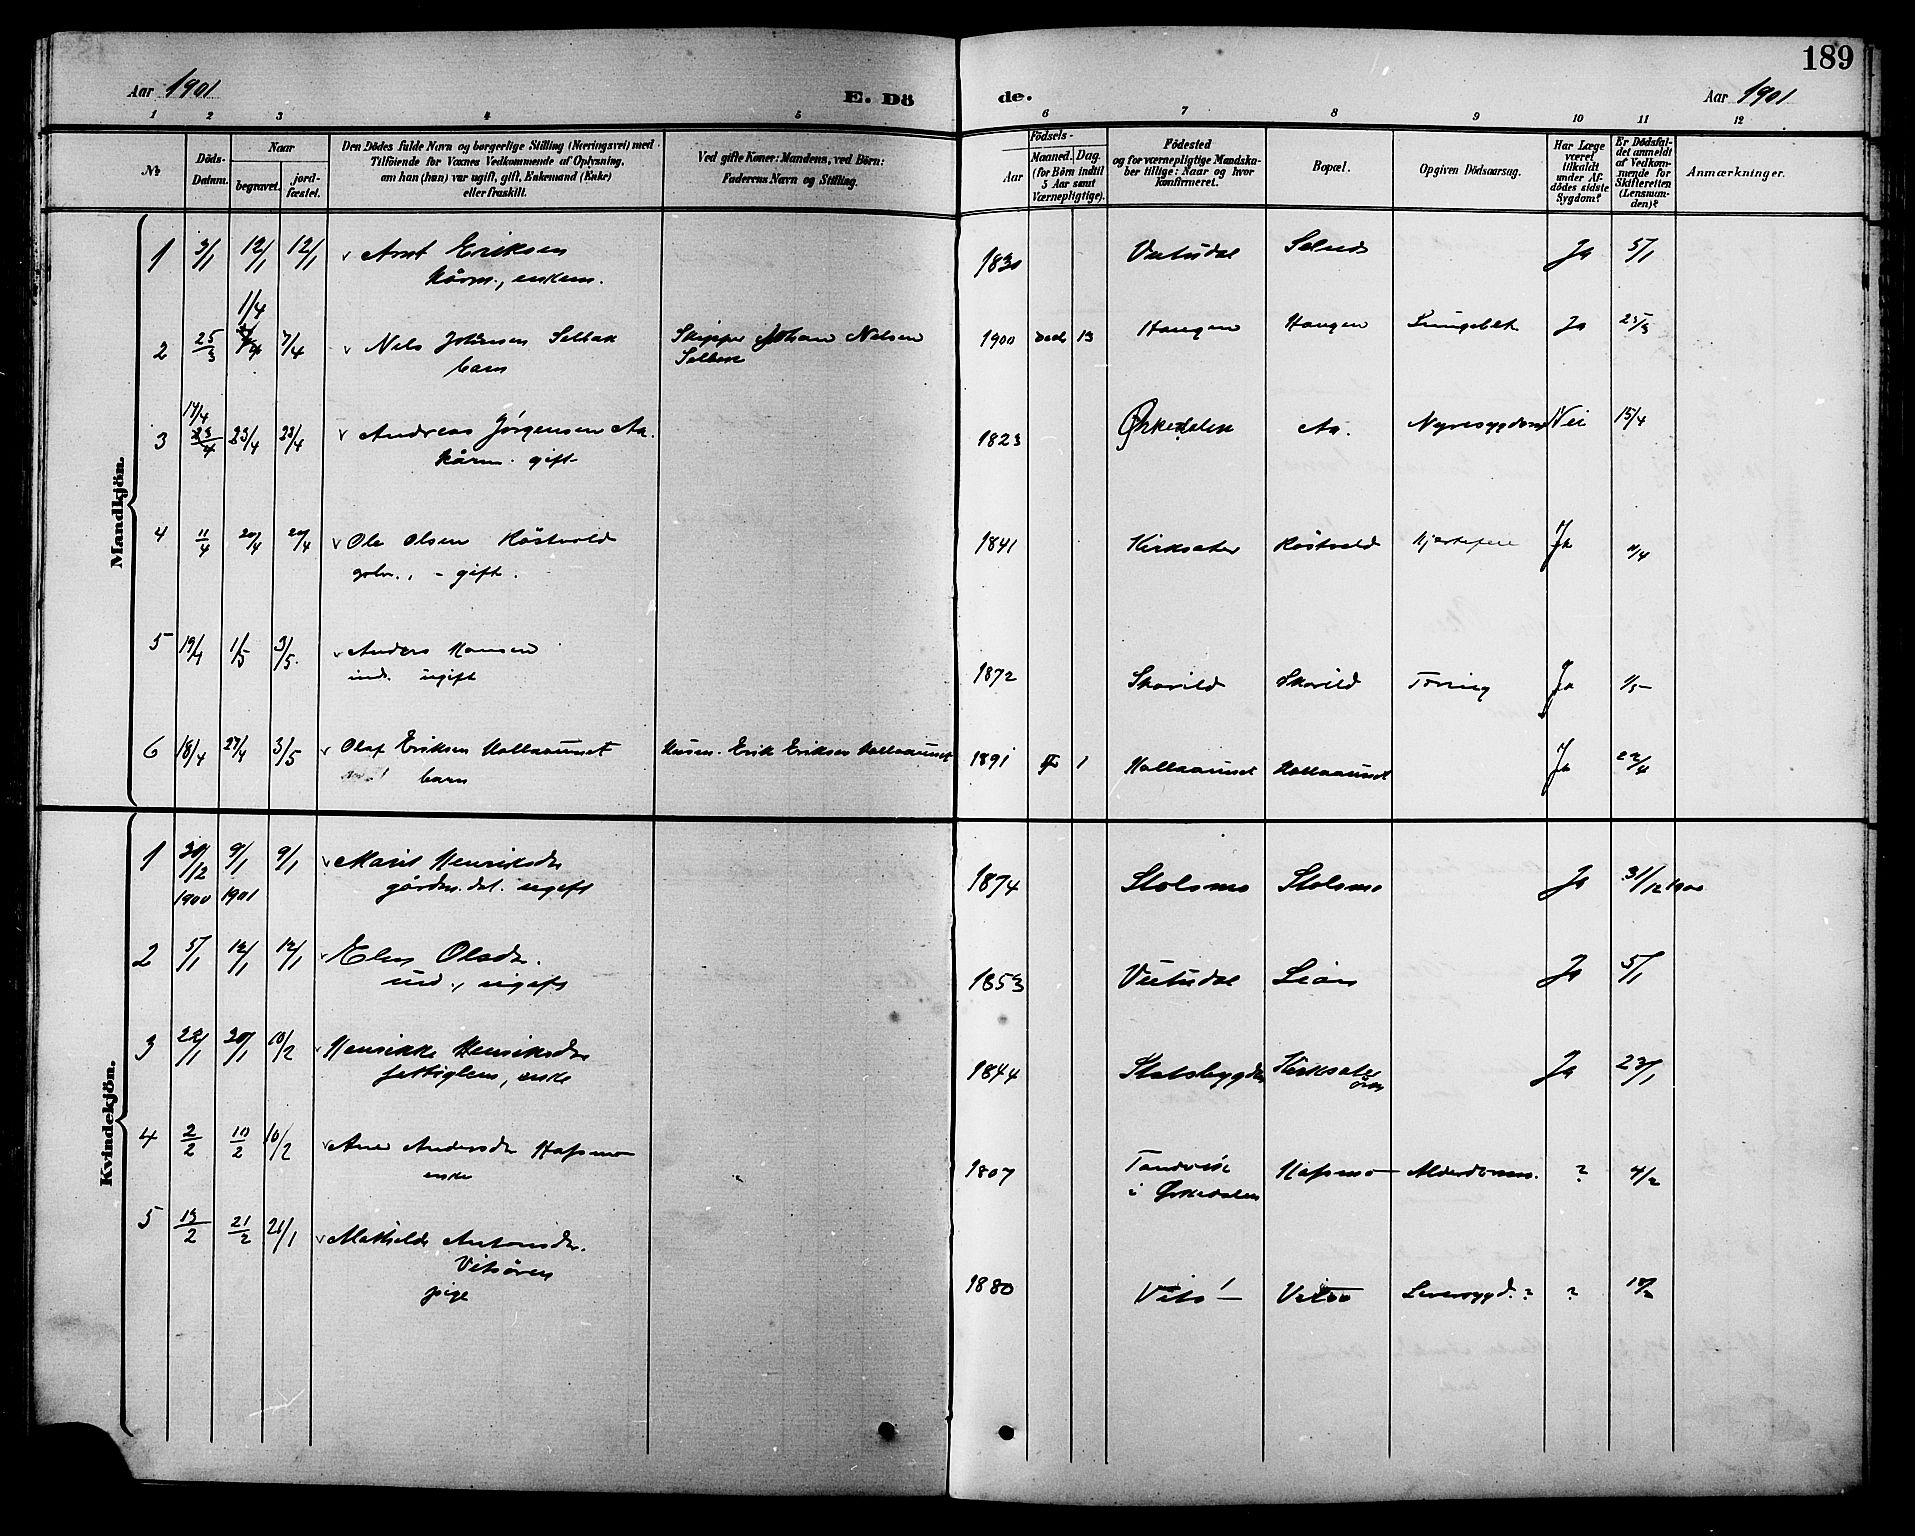 SAT, Ministerialprotokoller, klokkerbøker og fødselsregistre - Sør-Trøndelag, 630/L0505: Klokkerbok nr. 630C03, 1899-1914, s. 189